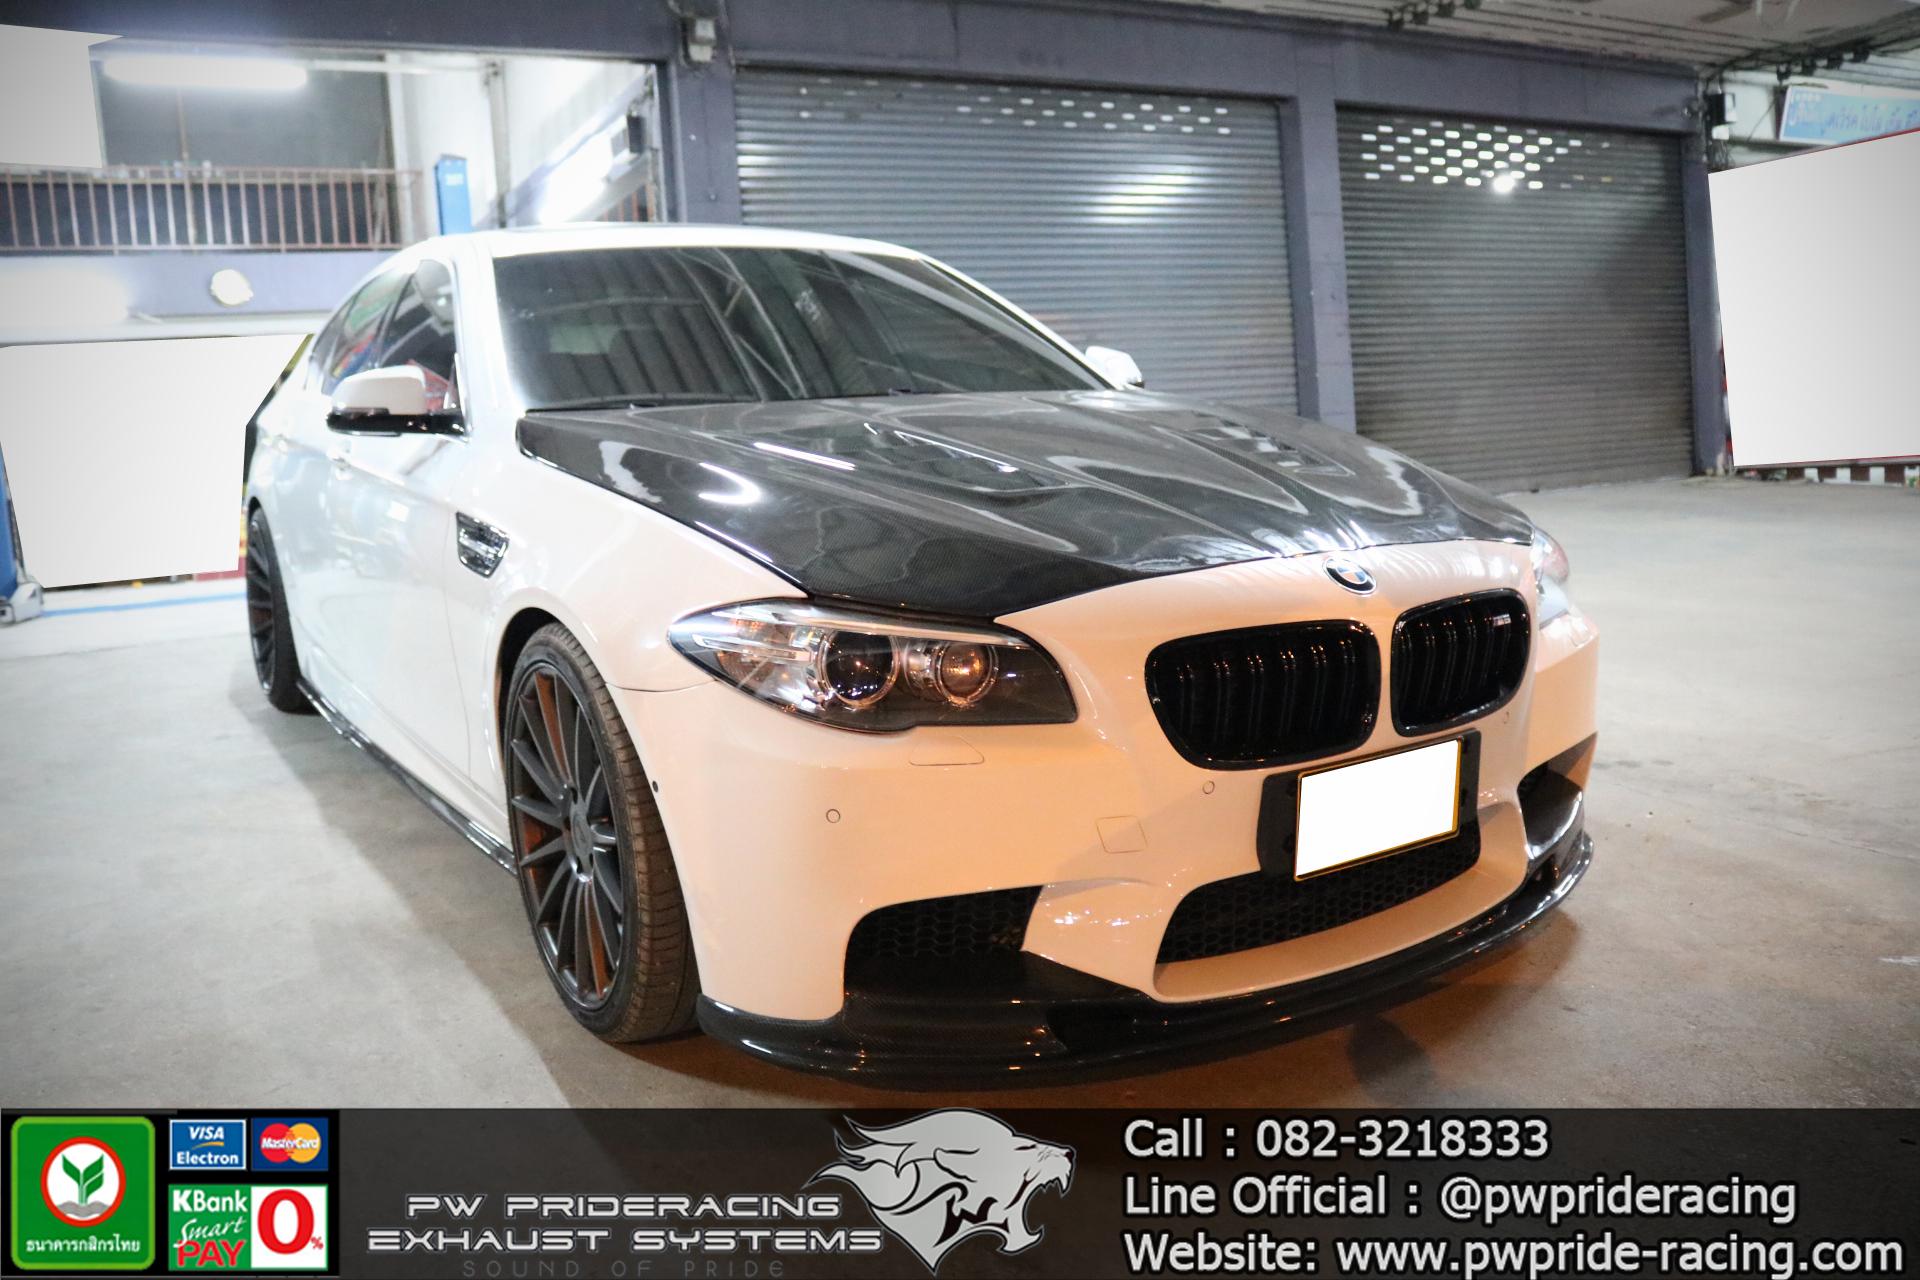 ชุดท่อไอเสีย BMW F10 528i Full Exhaust Systems by PW PrideRacing